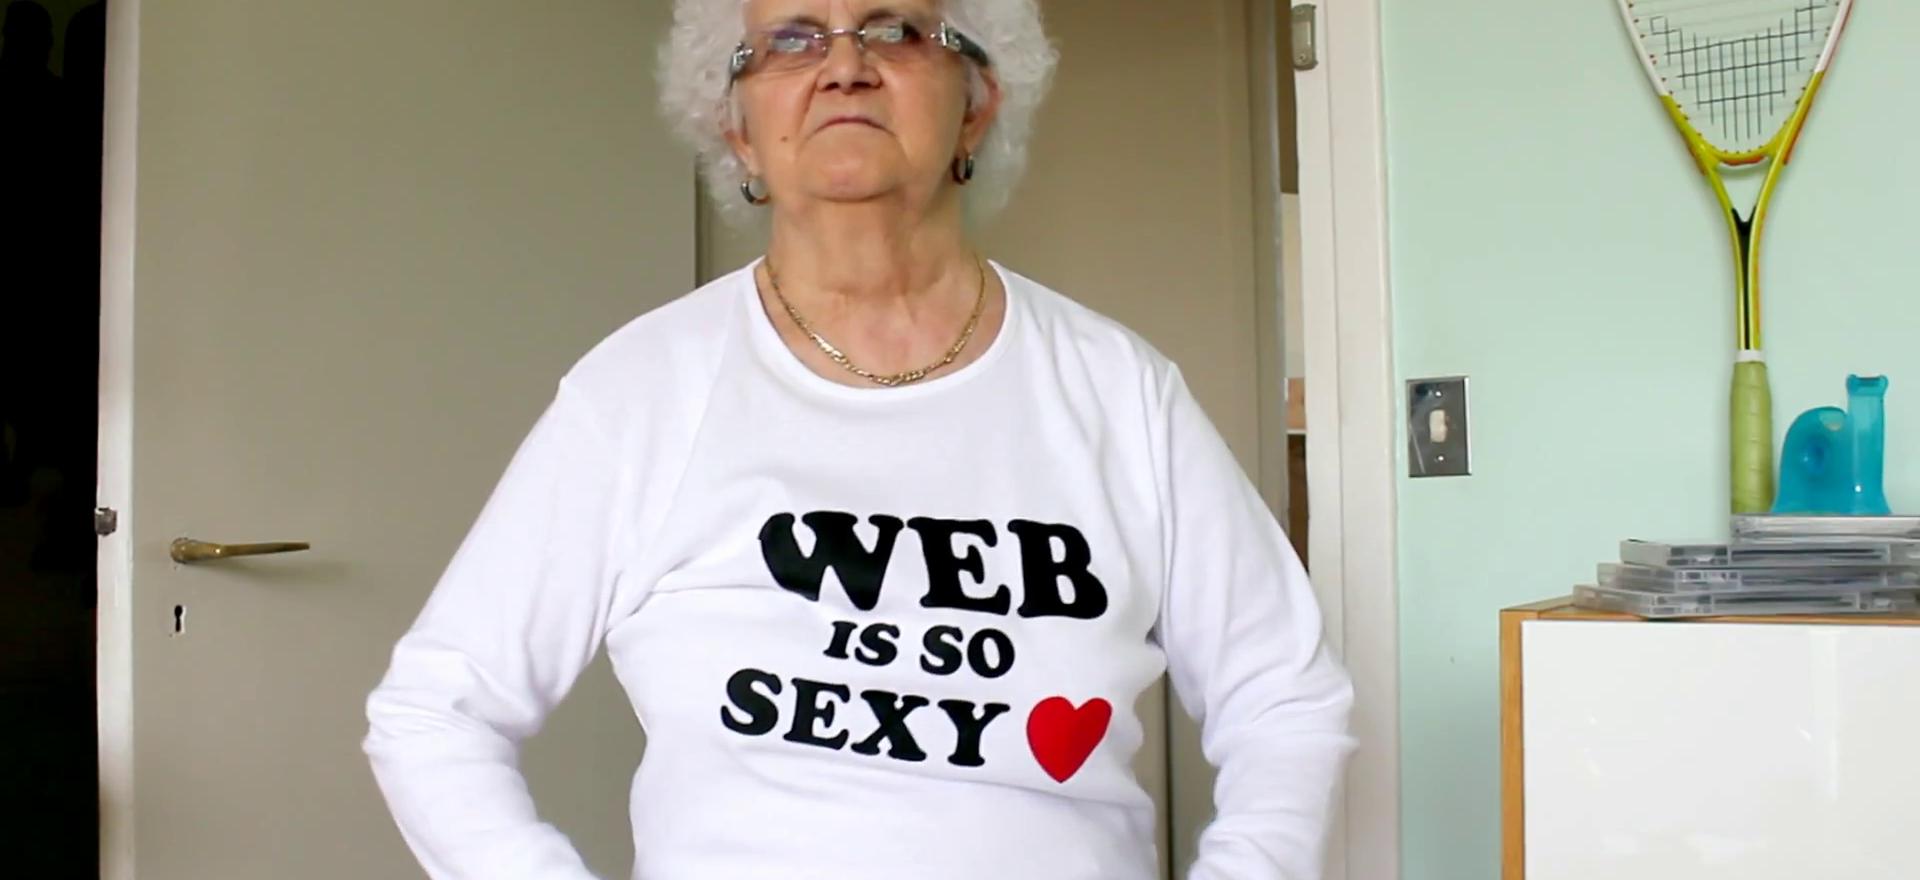 iim institut internet multimedia meme lulu lucienne moreau 1920x880 - Lucienne, la mamie la plus décalée du net, donne ses conseils de pro